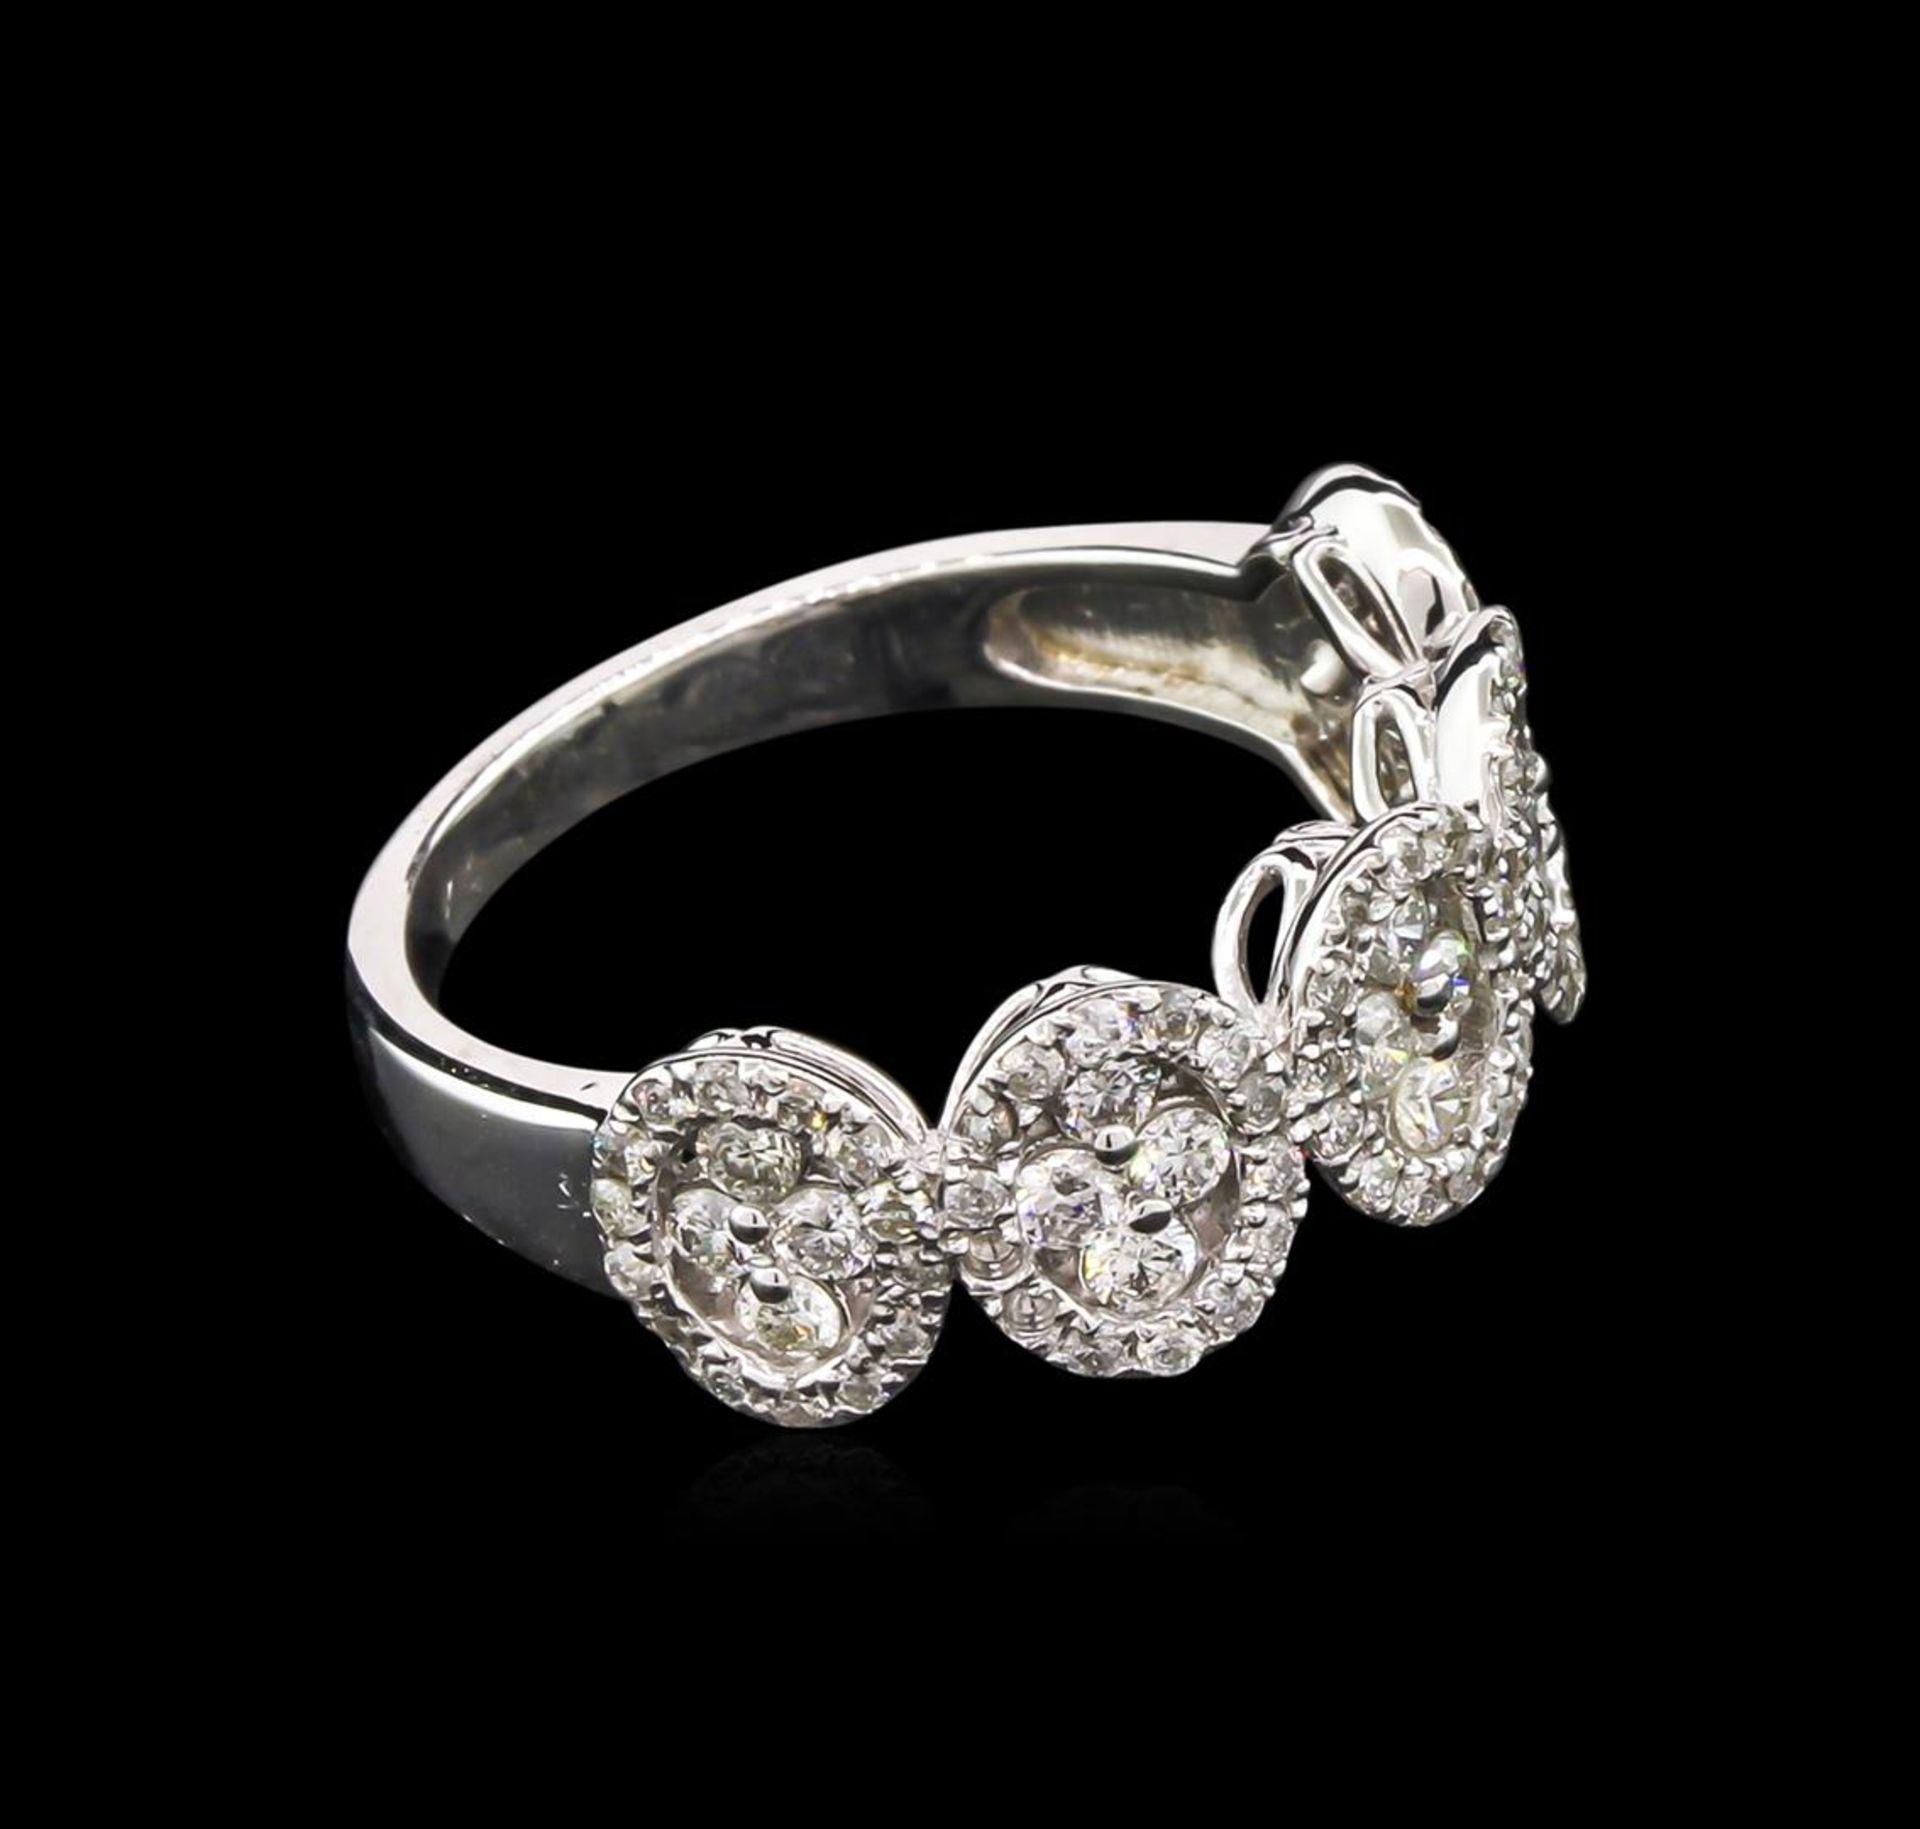 0.97ctw Diamond Ring - 14KT White Gold